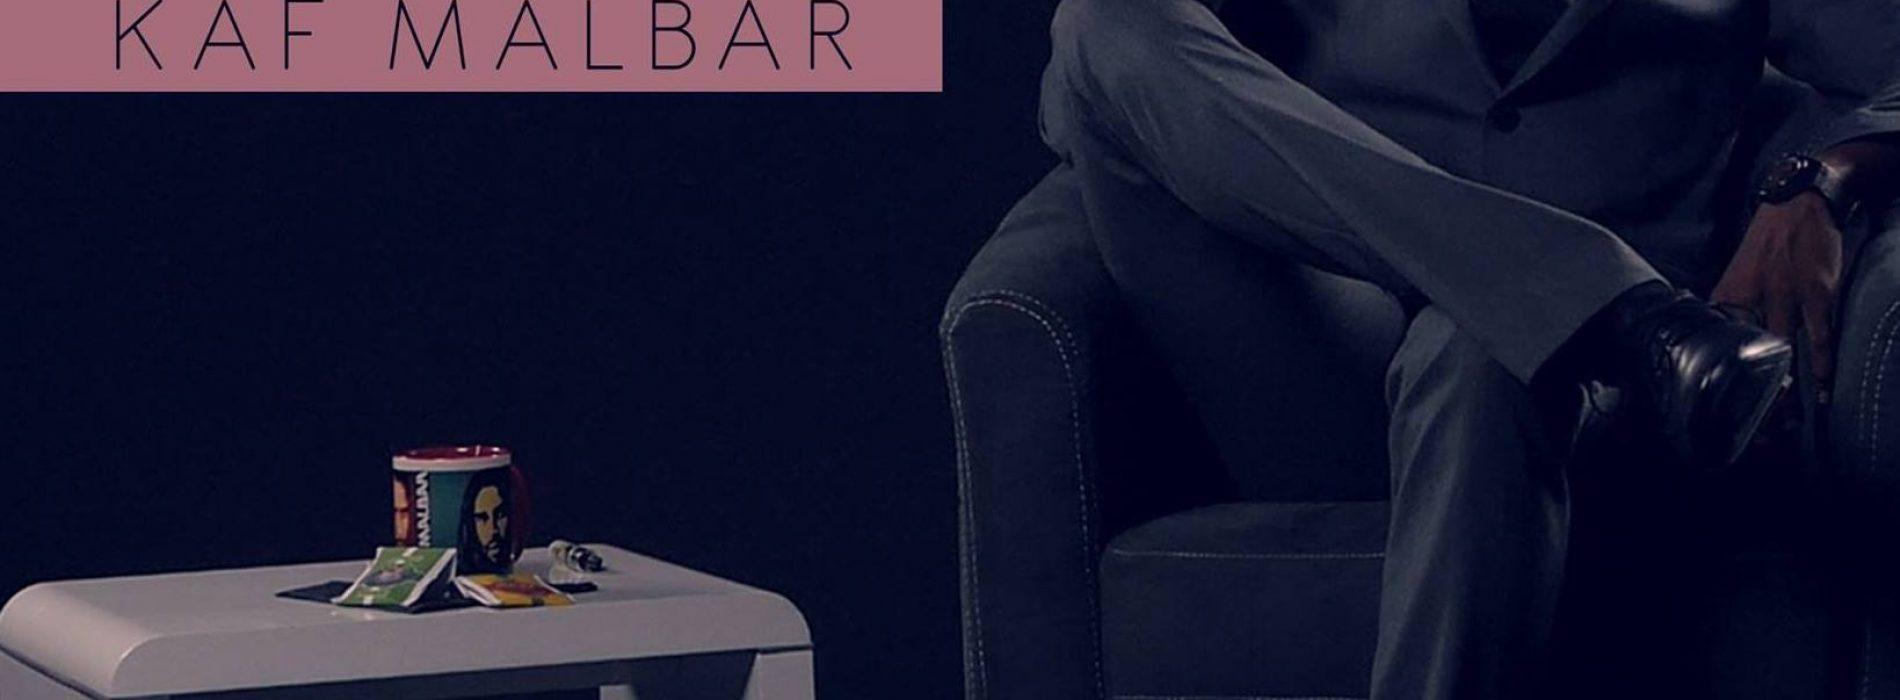 """2 CLips de KAF MALBAR  """"Ce mois la"""" –  Octobre 2016 /  """"Me Cané"""" – Septembre 2016"""